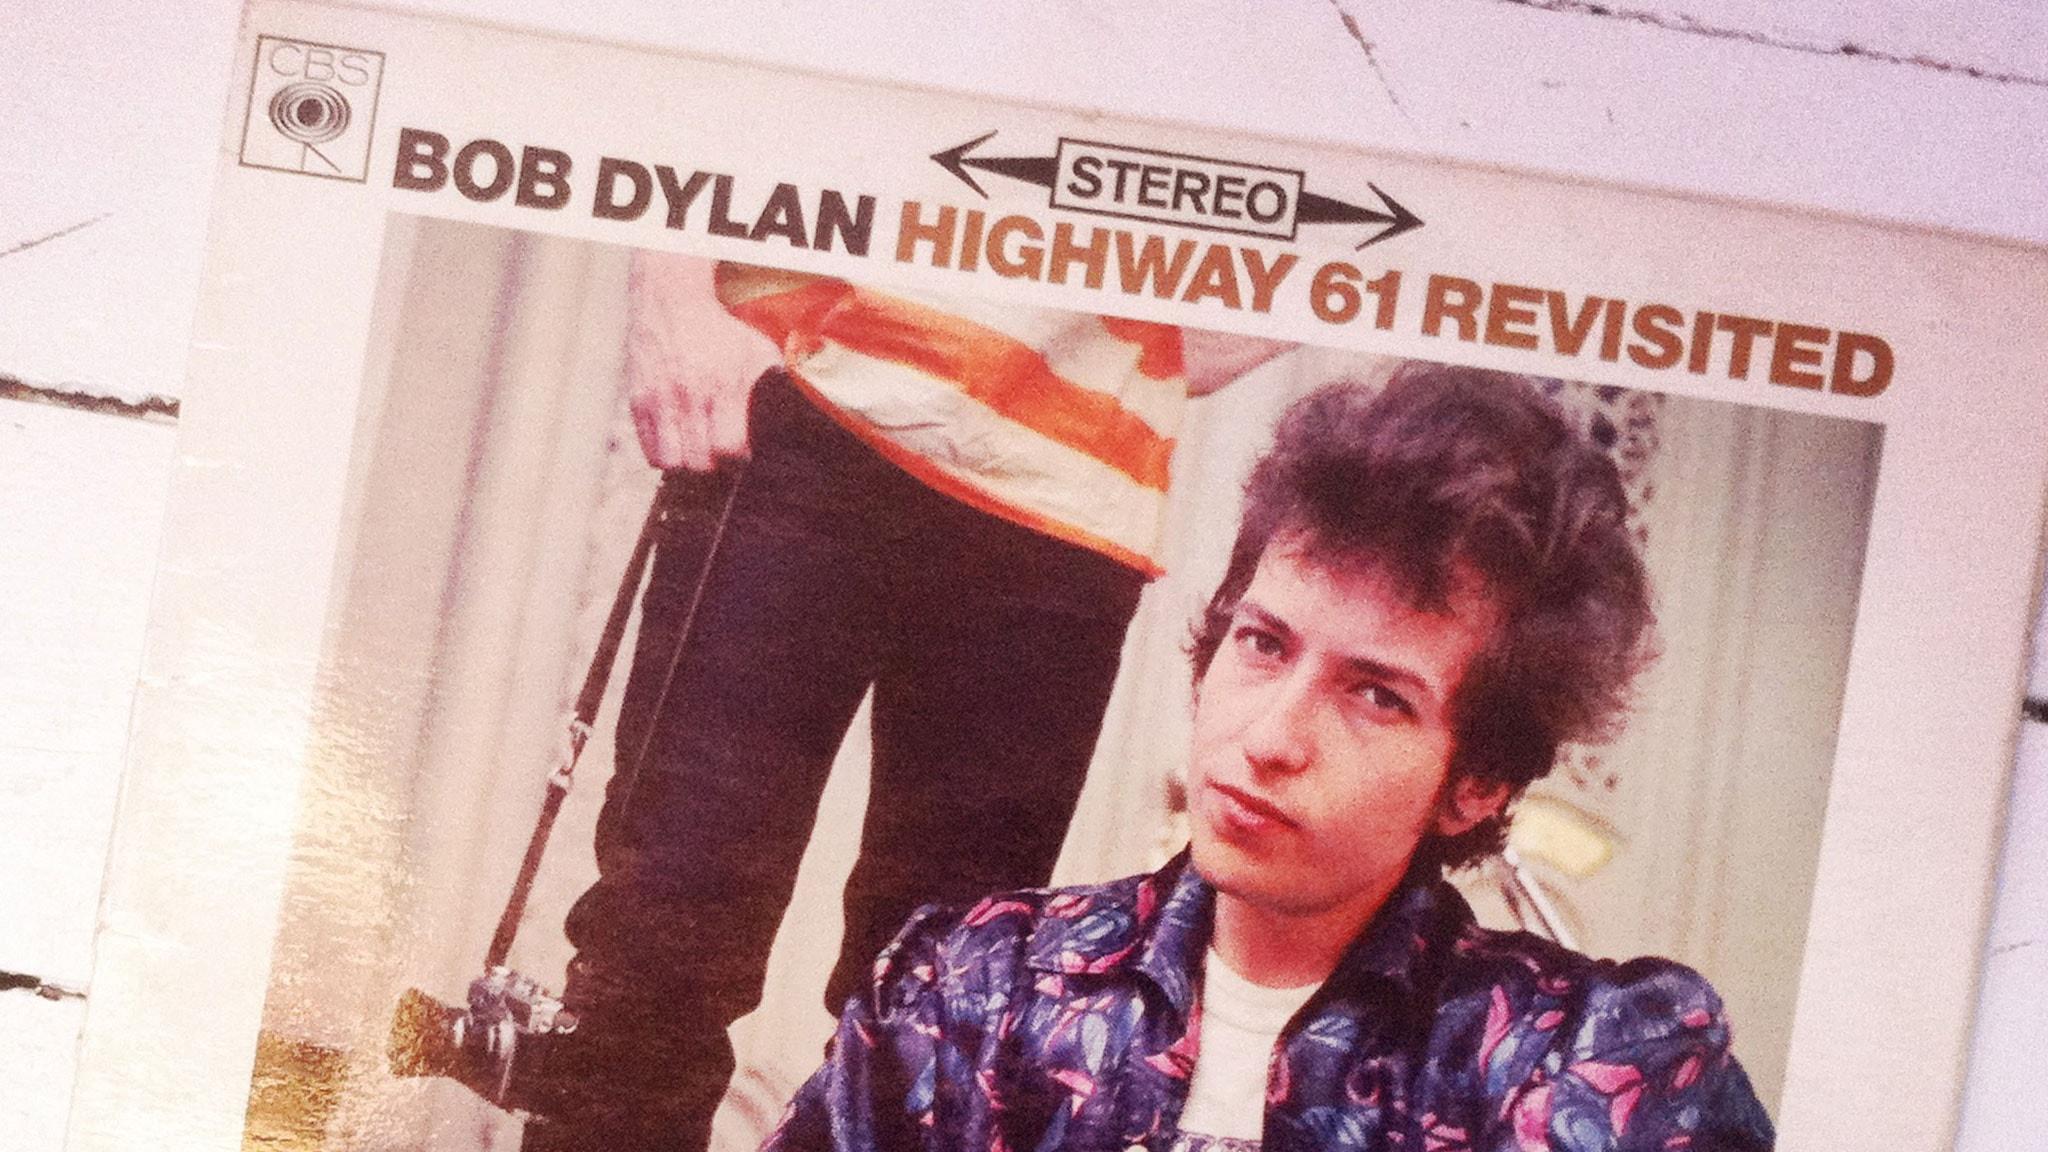 Åter till Highway 61, igen